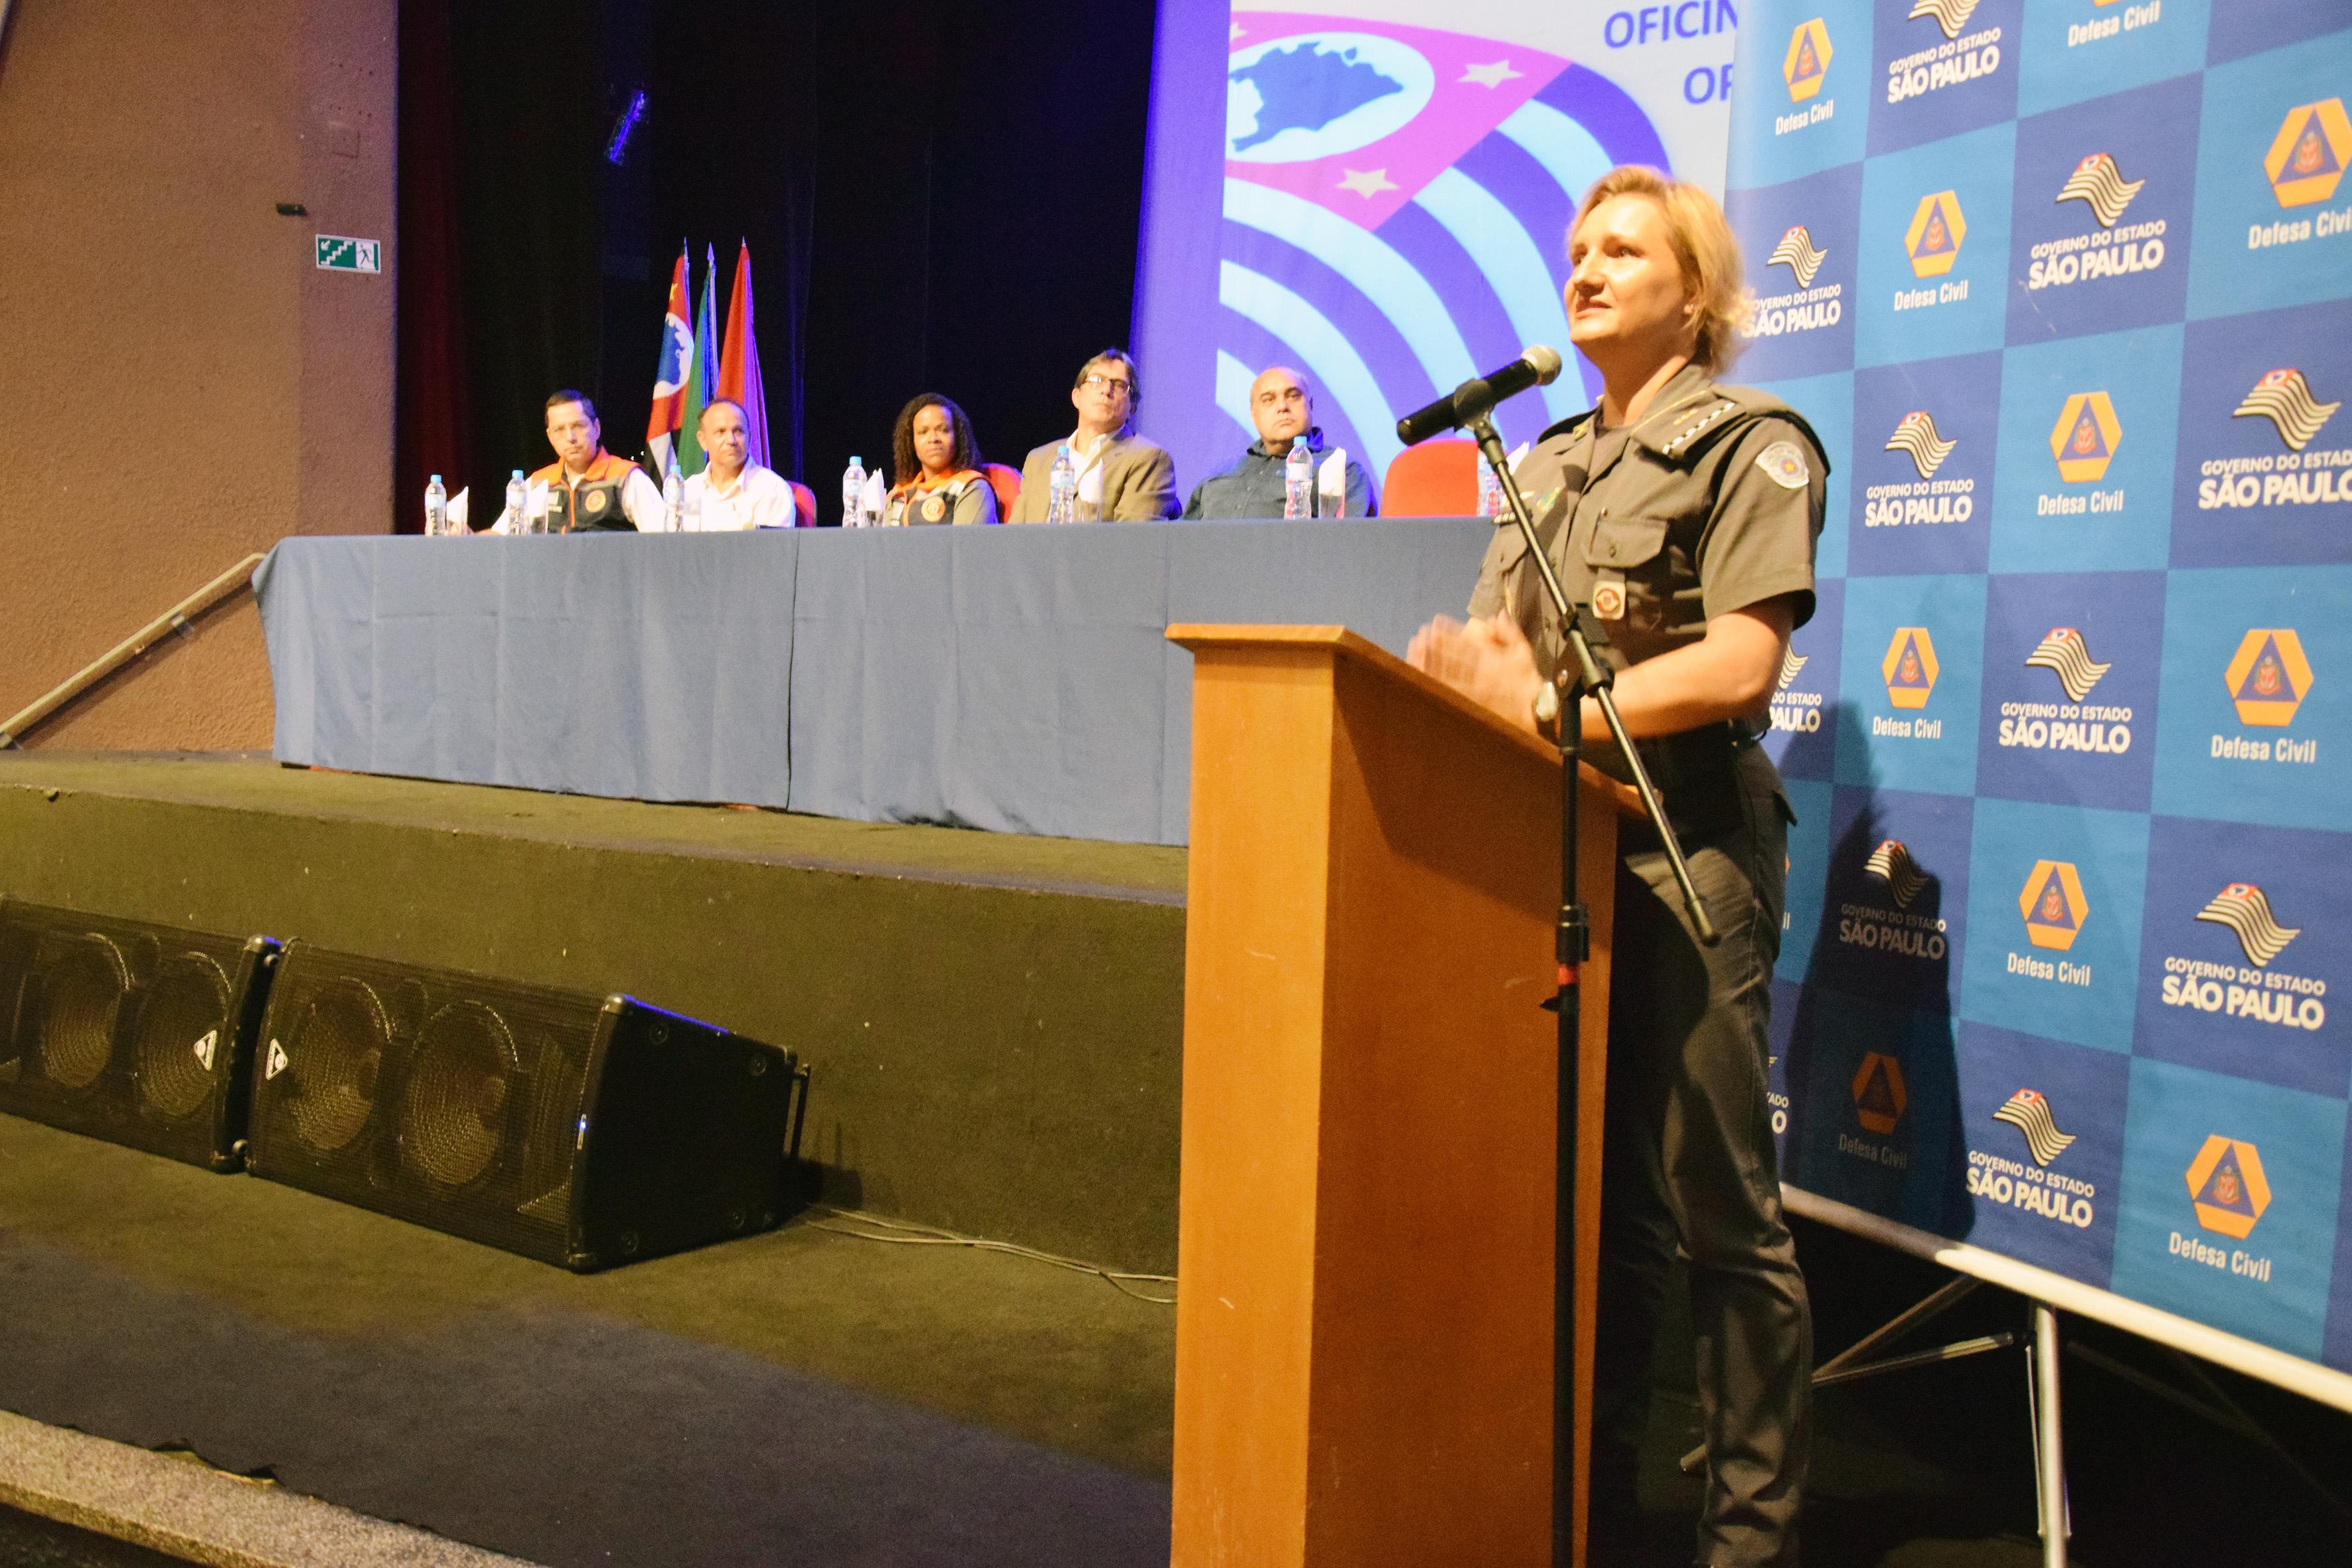 Mesa diretora da reunião de membros da Defesa Civil, Corpo de Bombeiros e Polícia Militar; prefeitos e moradores também participaram (Foto: Lucas Barbosa)